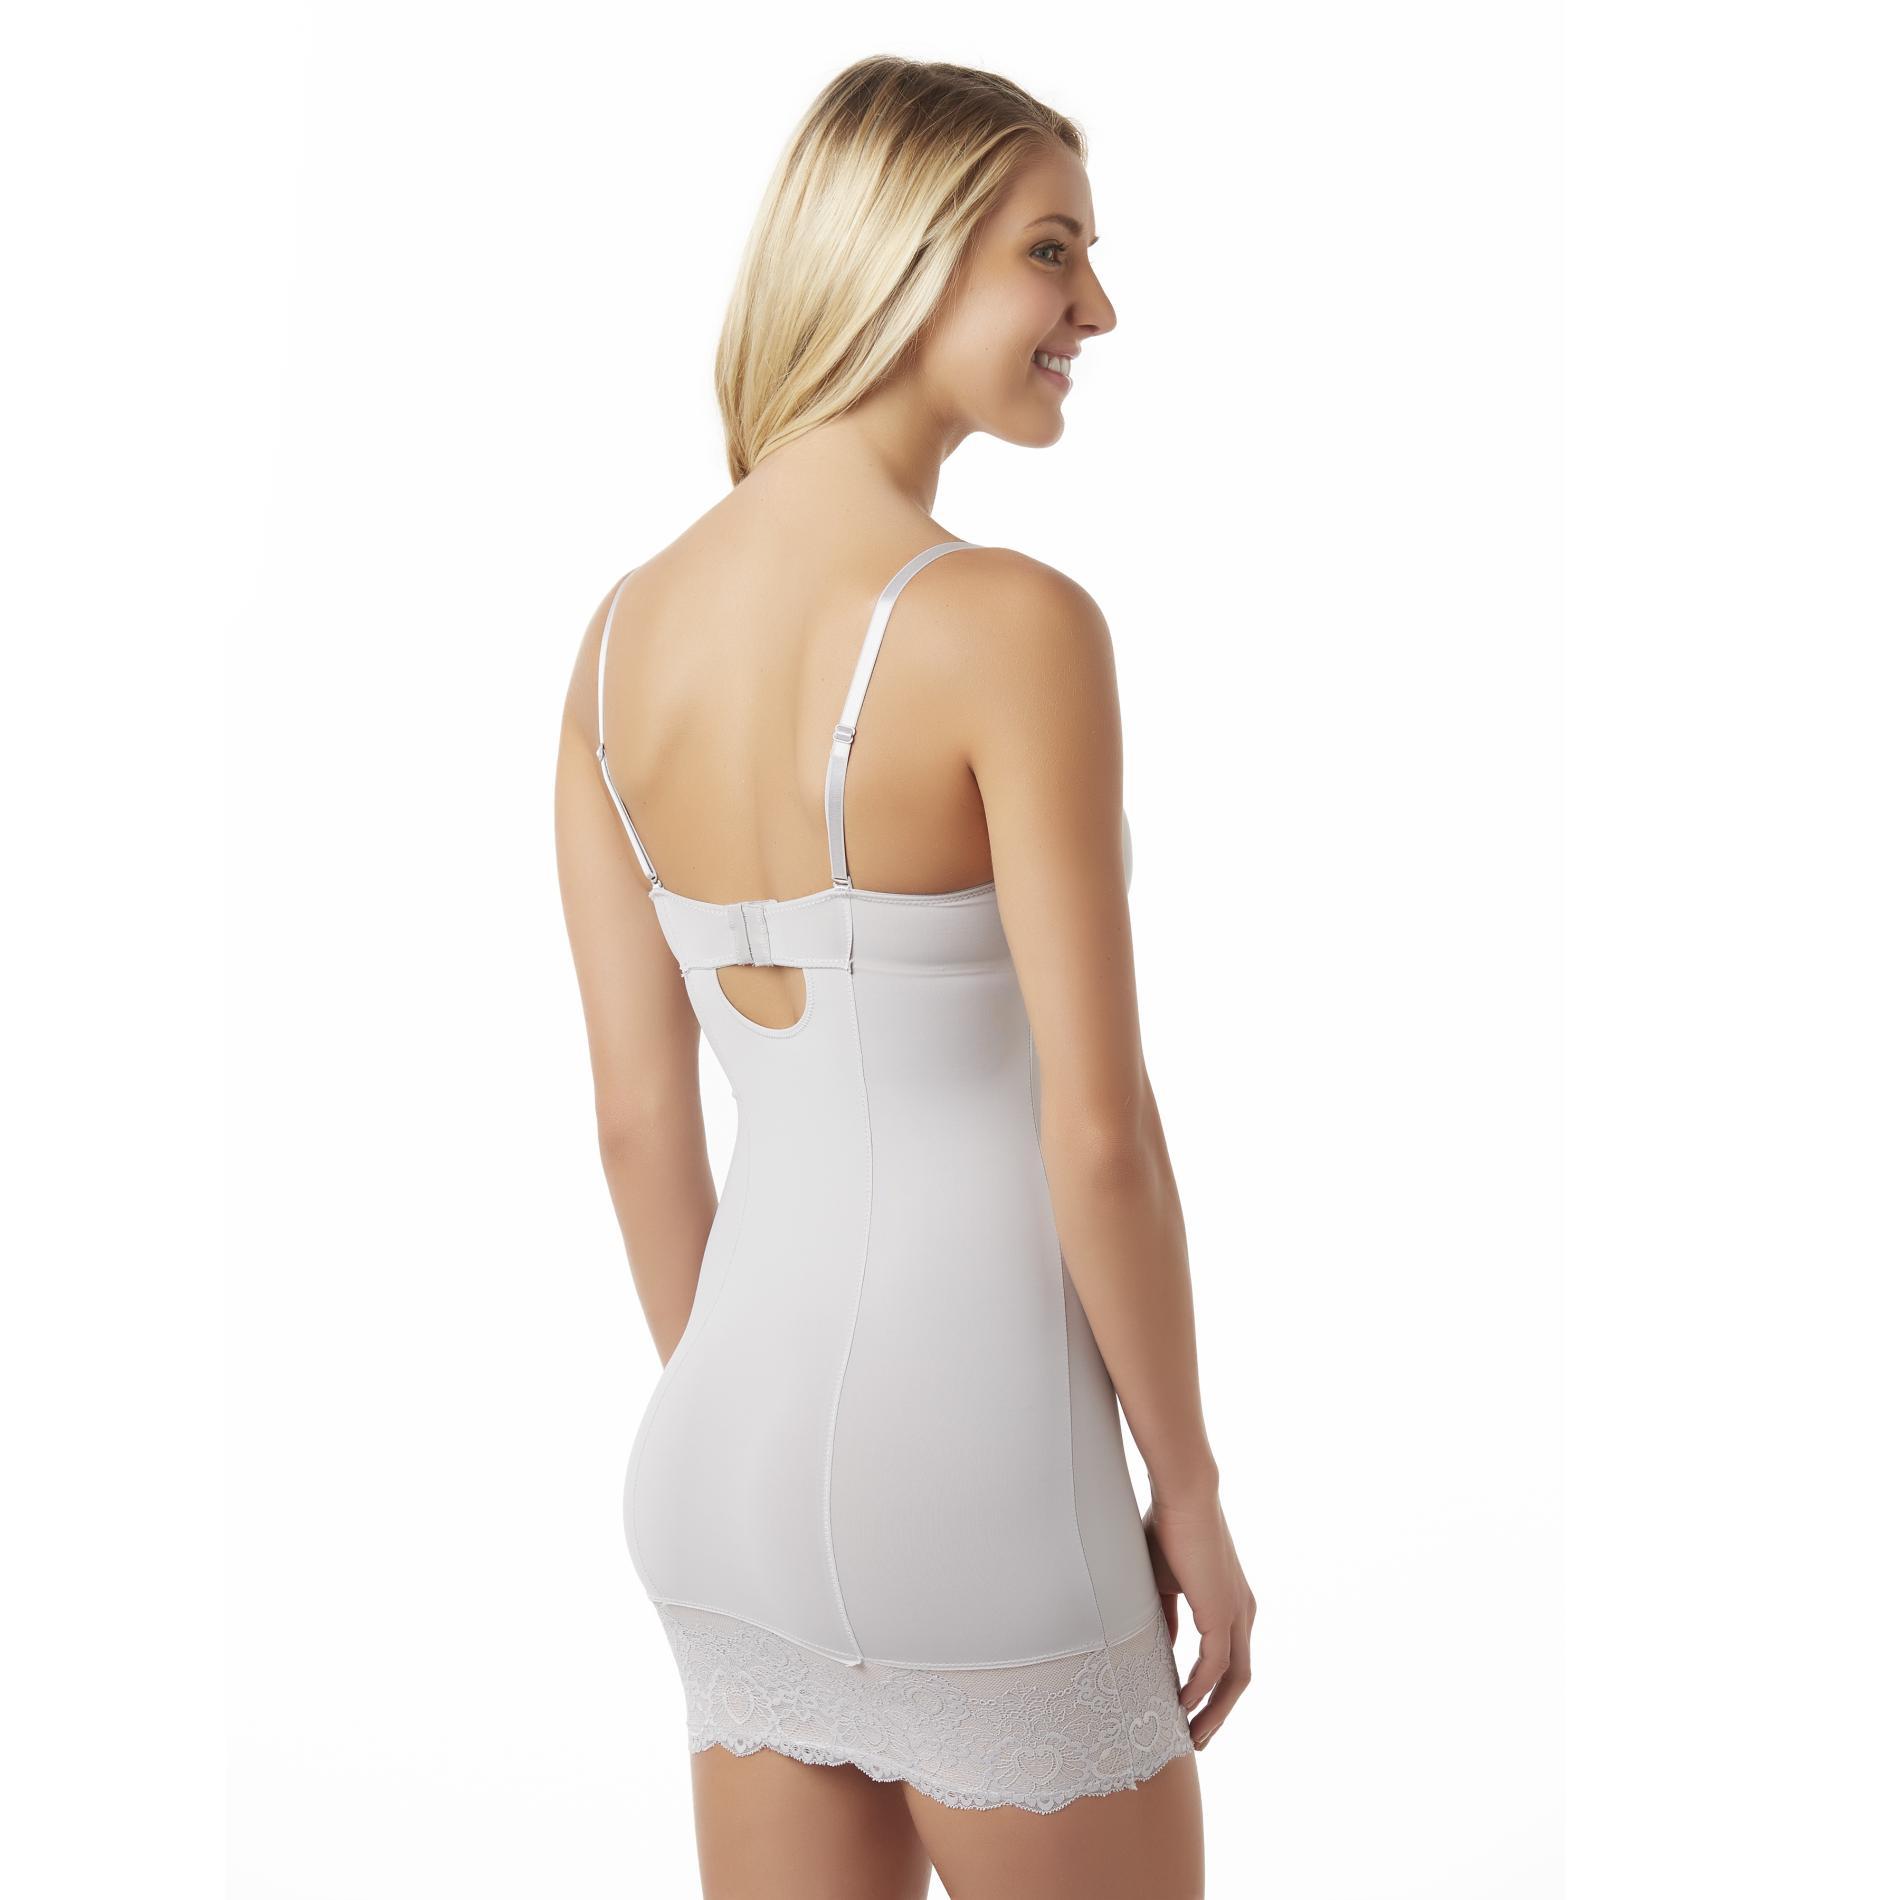 Warners Women's Shaping Bra Slip